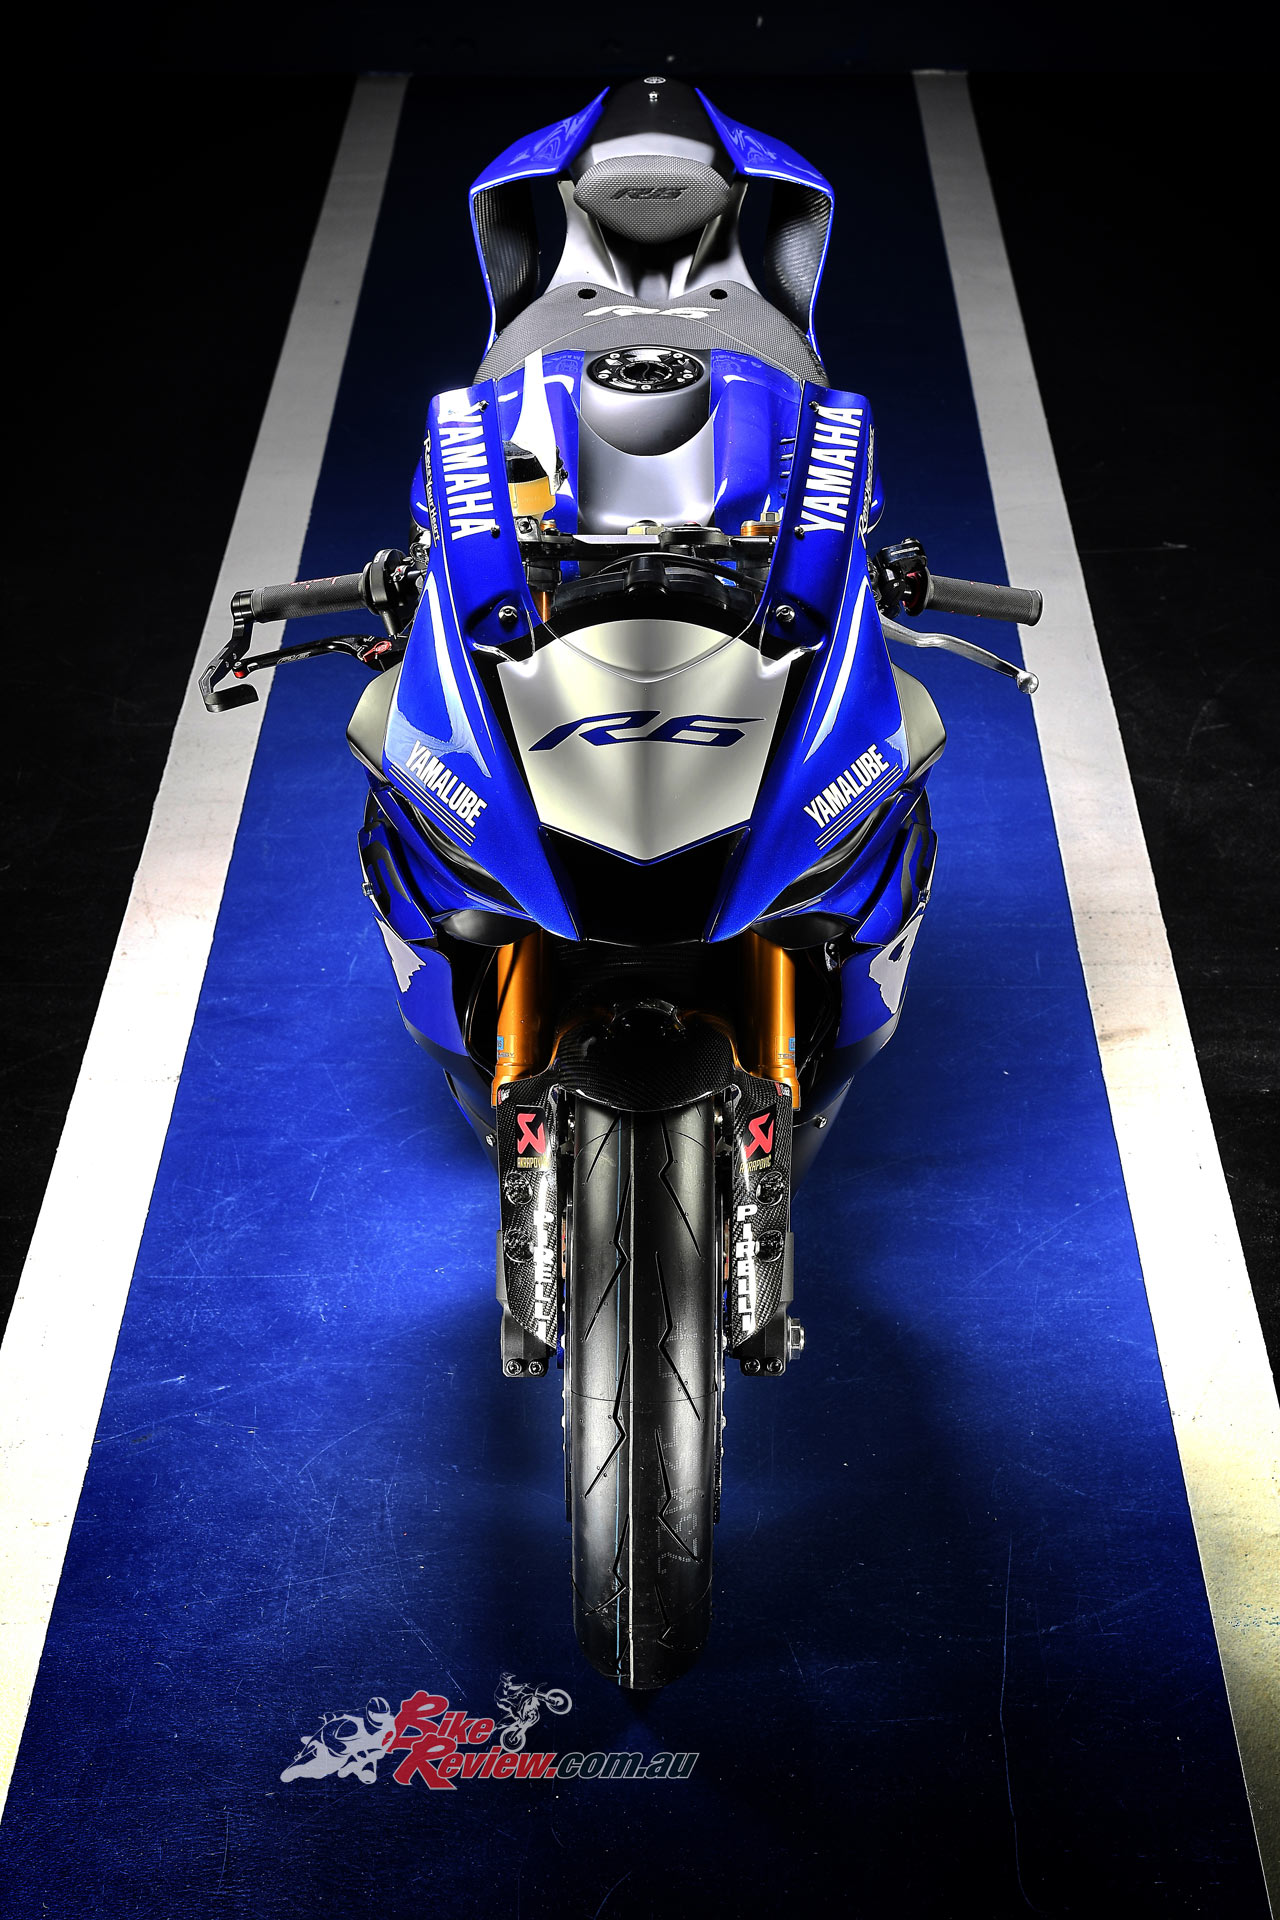 2017 Yamaha YZF-R6 Racing Edition